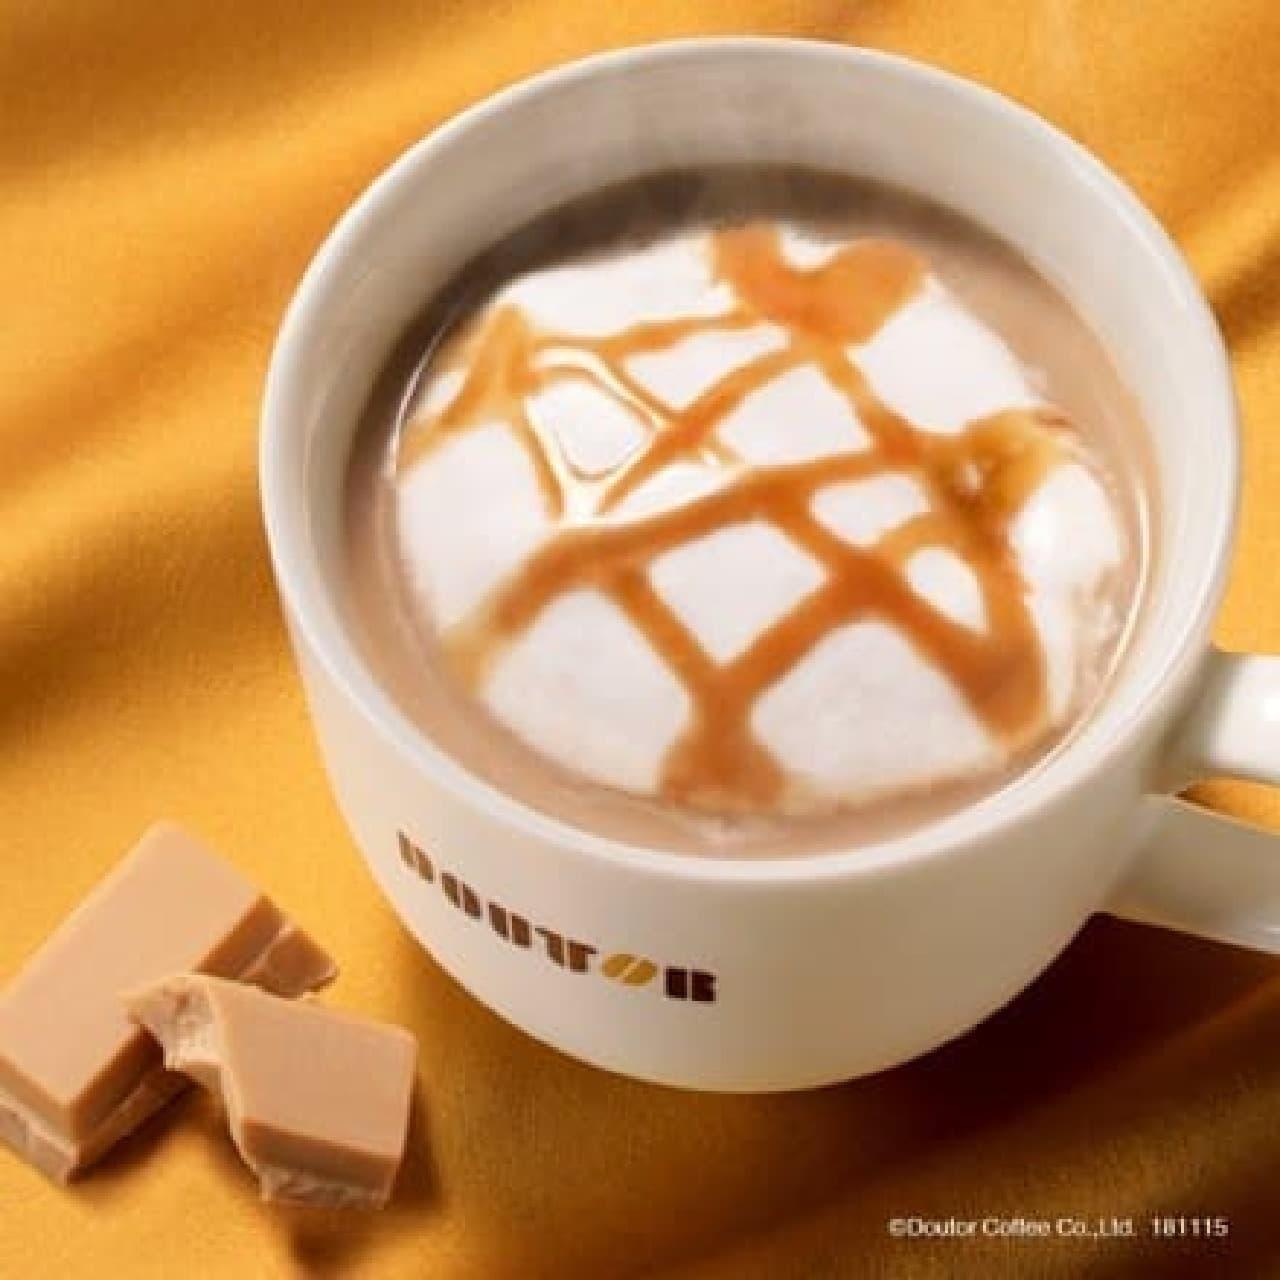 ドトールコーヒーショップ「ブロンドショコラ・ラテ」